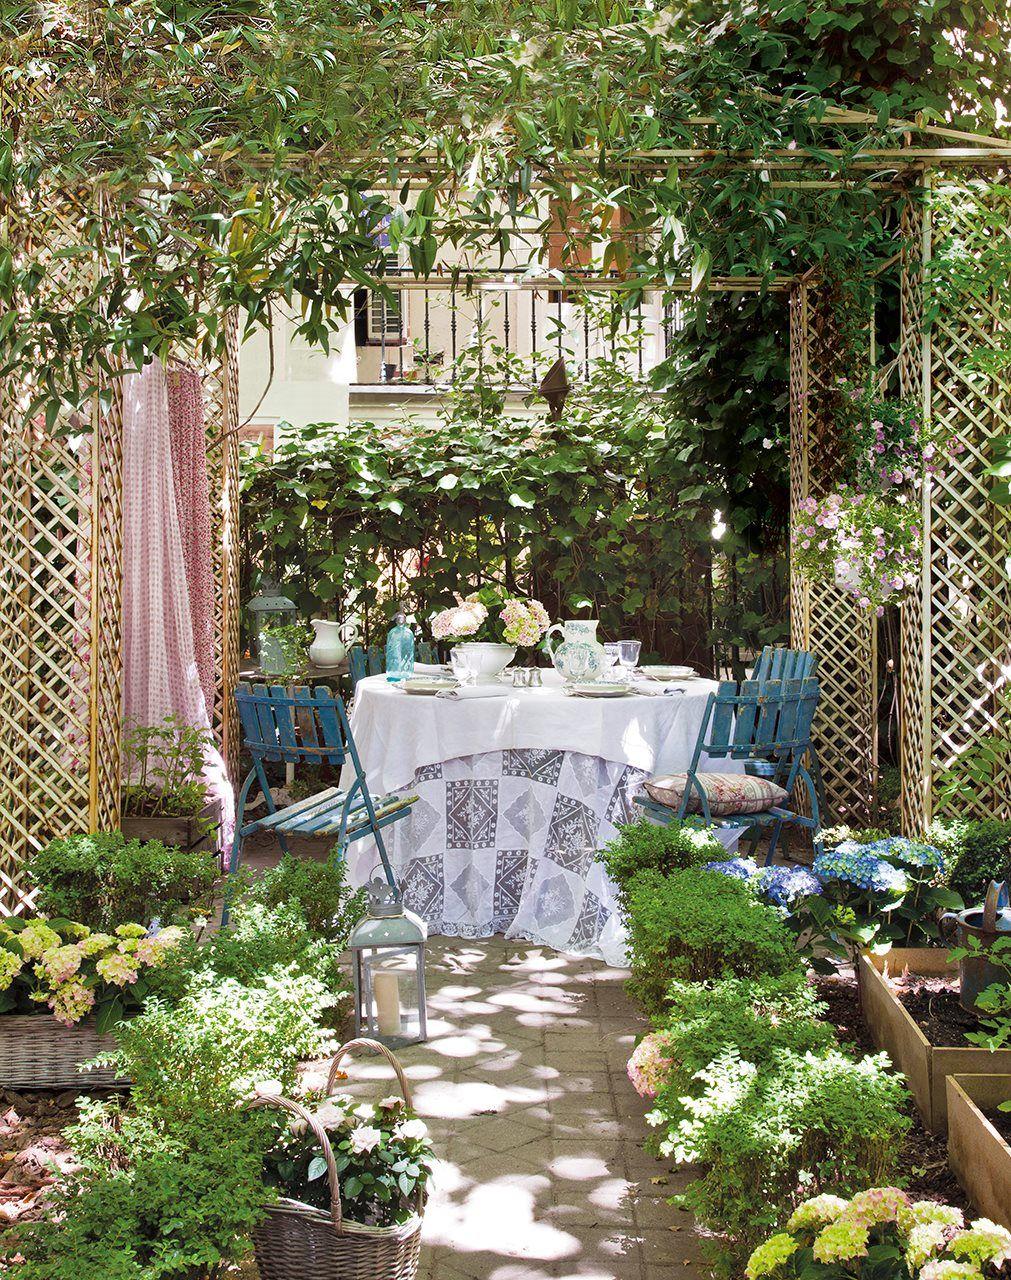 Para sobremesas muy naturales jardines patios porches - Porches y jardines ...